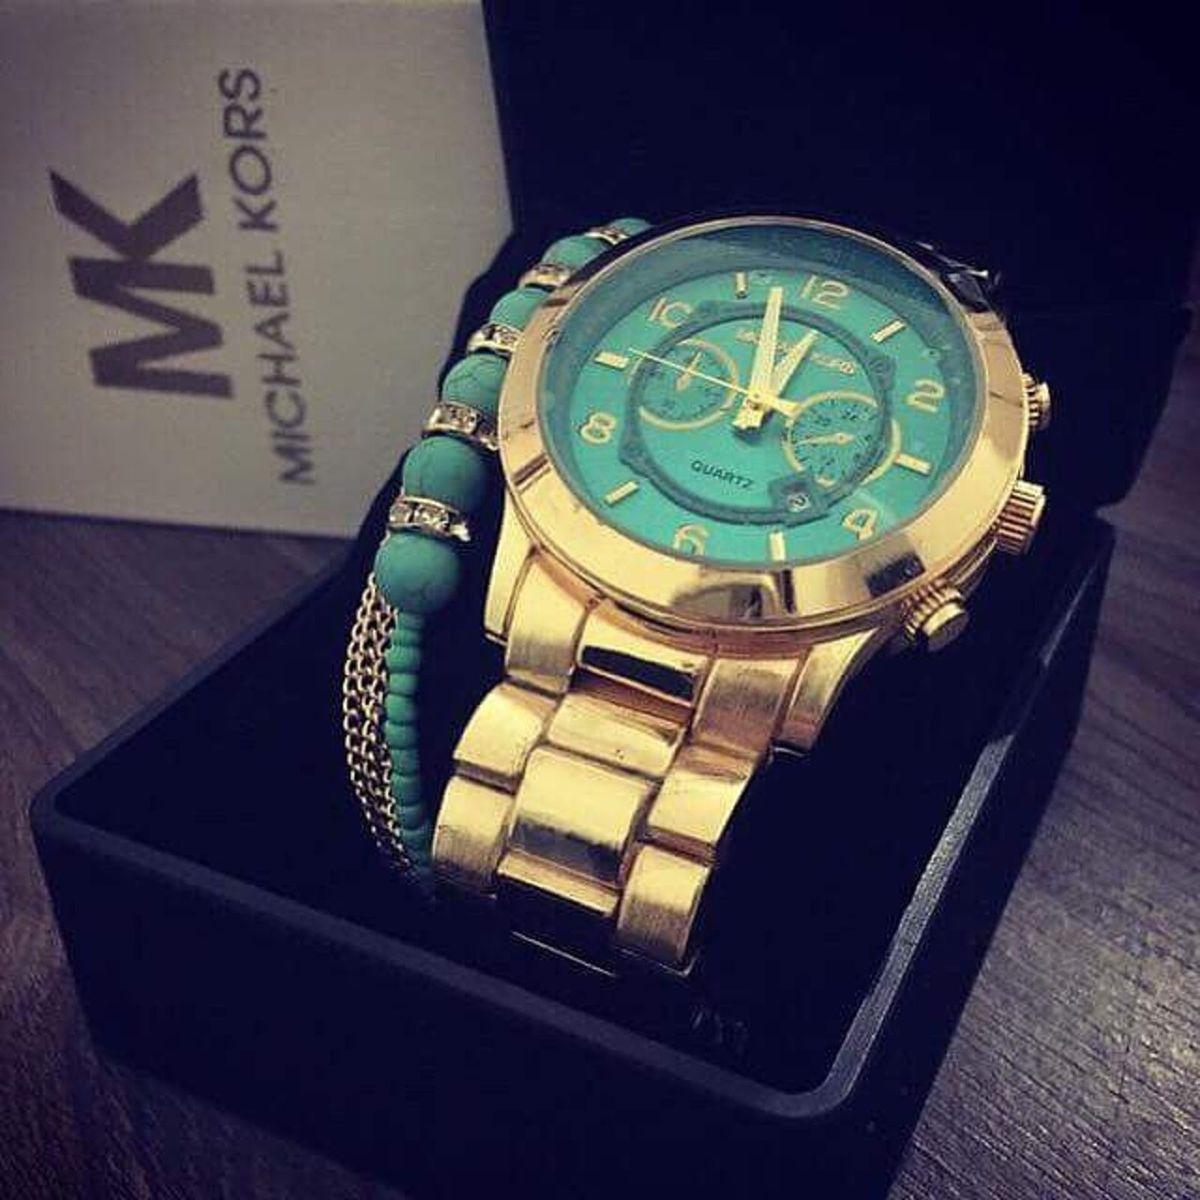 Relogio Mk 8315 Azul Dourado   Relógio Feminino Michael Kors Nunca ... 0d24929385